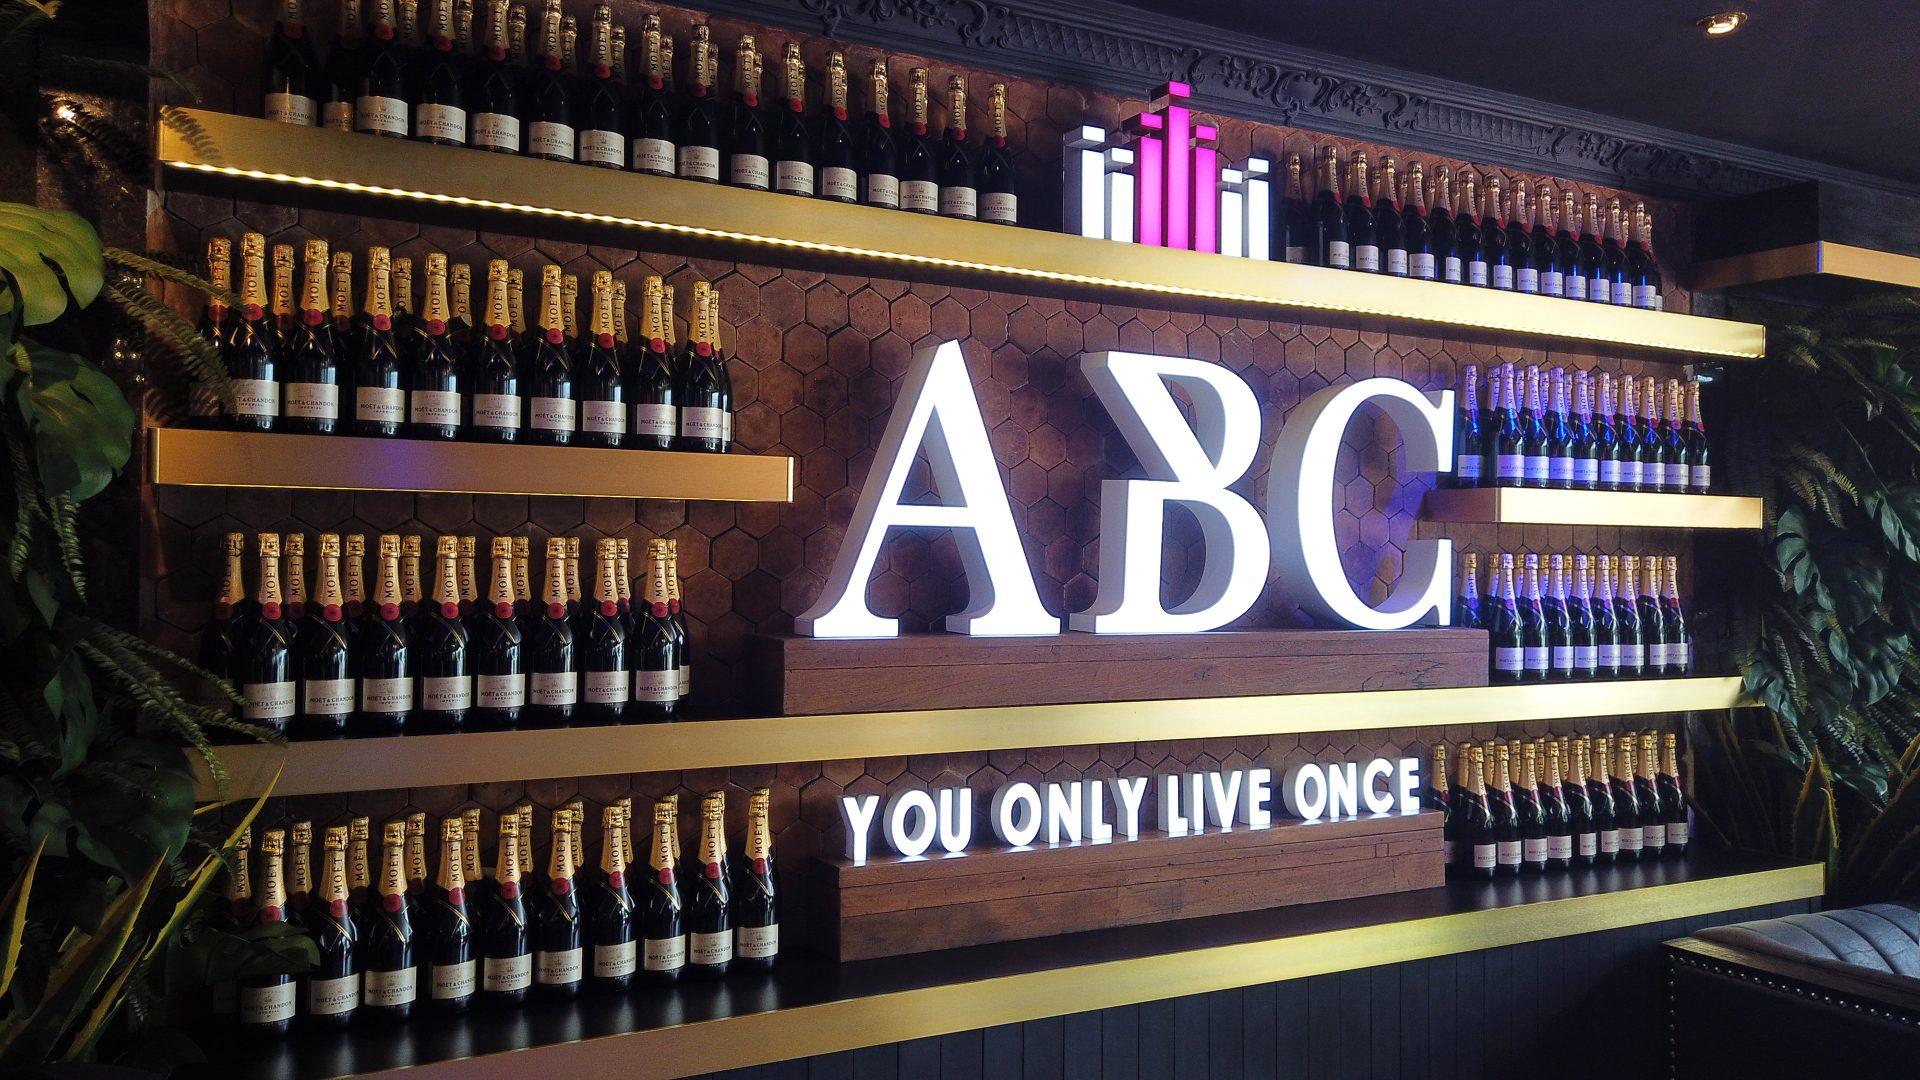 ABC Hotel - Angeles City, Philippines